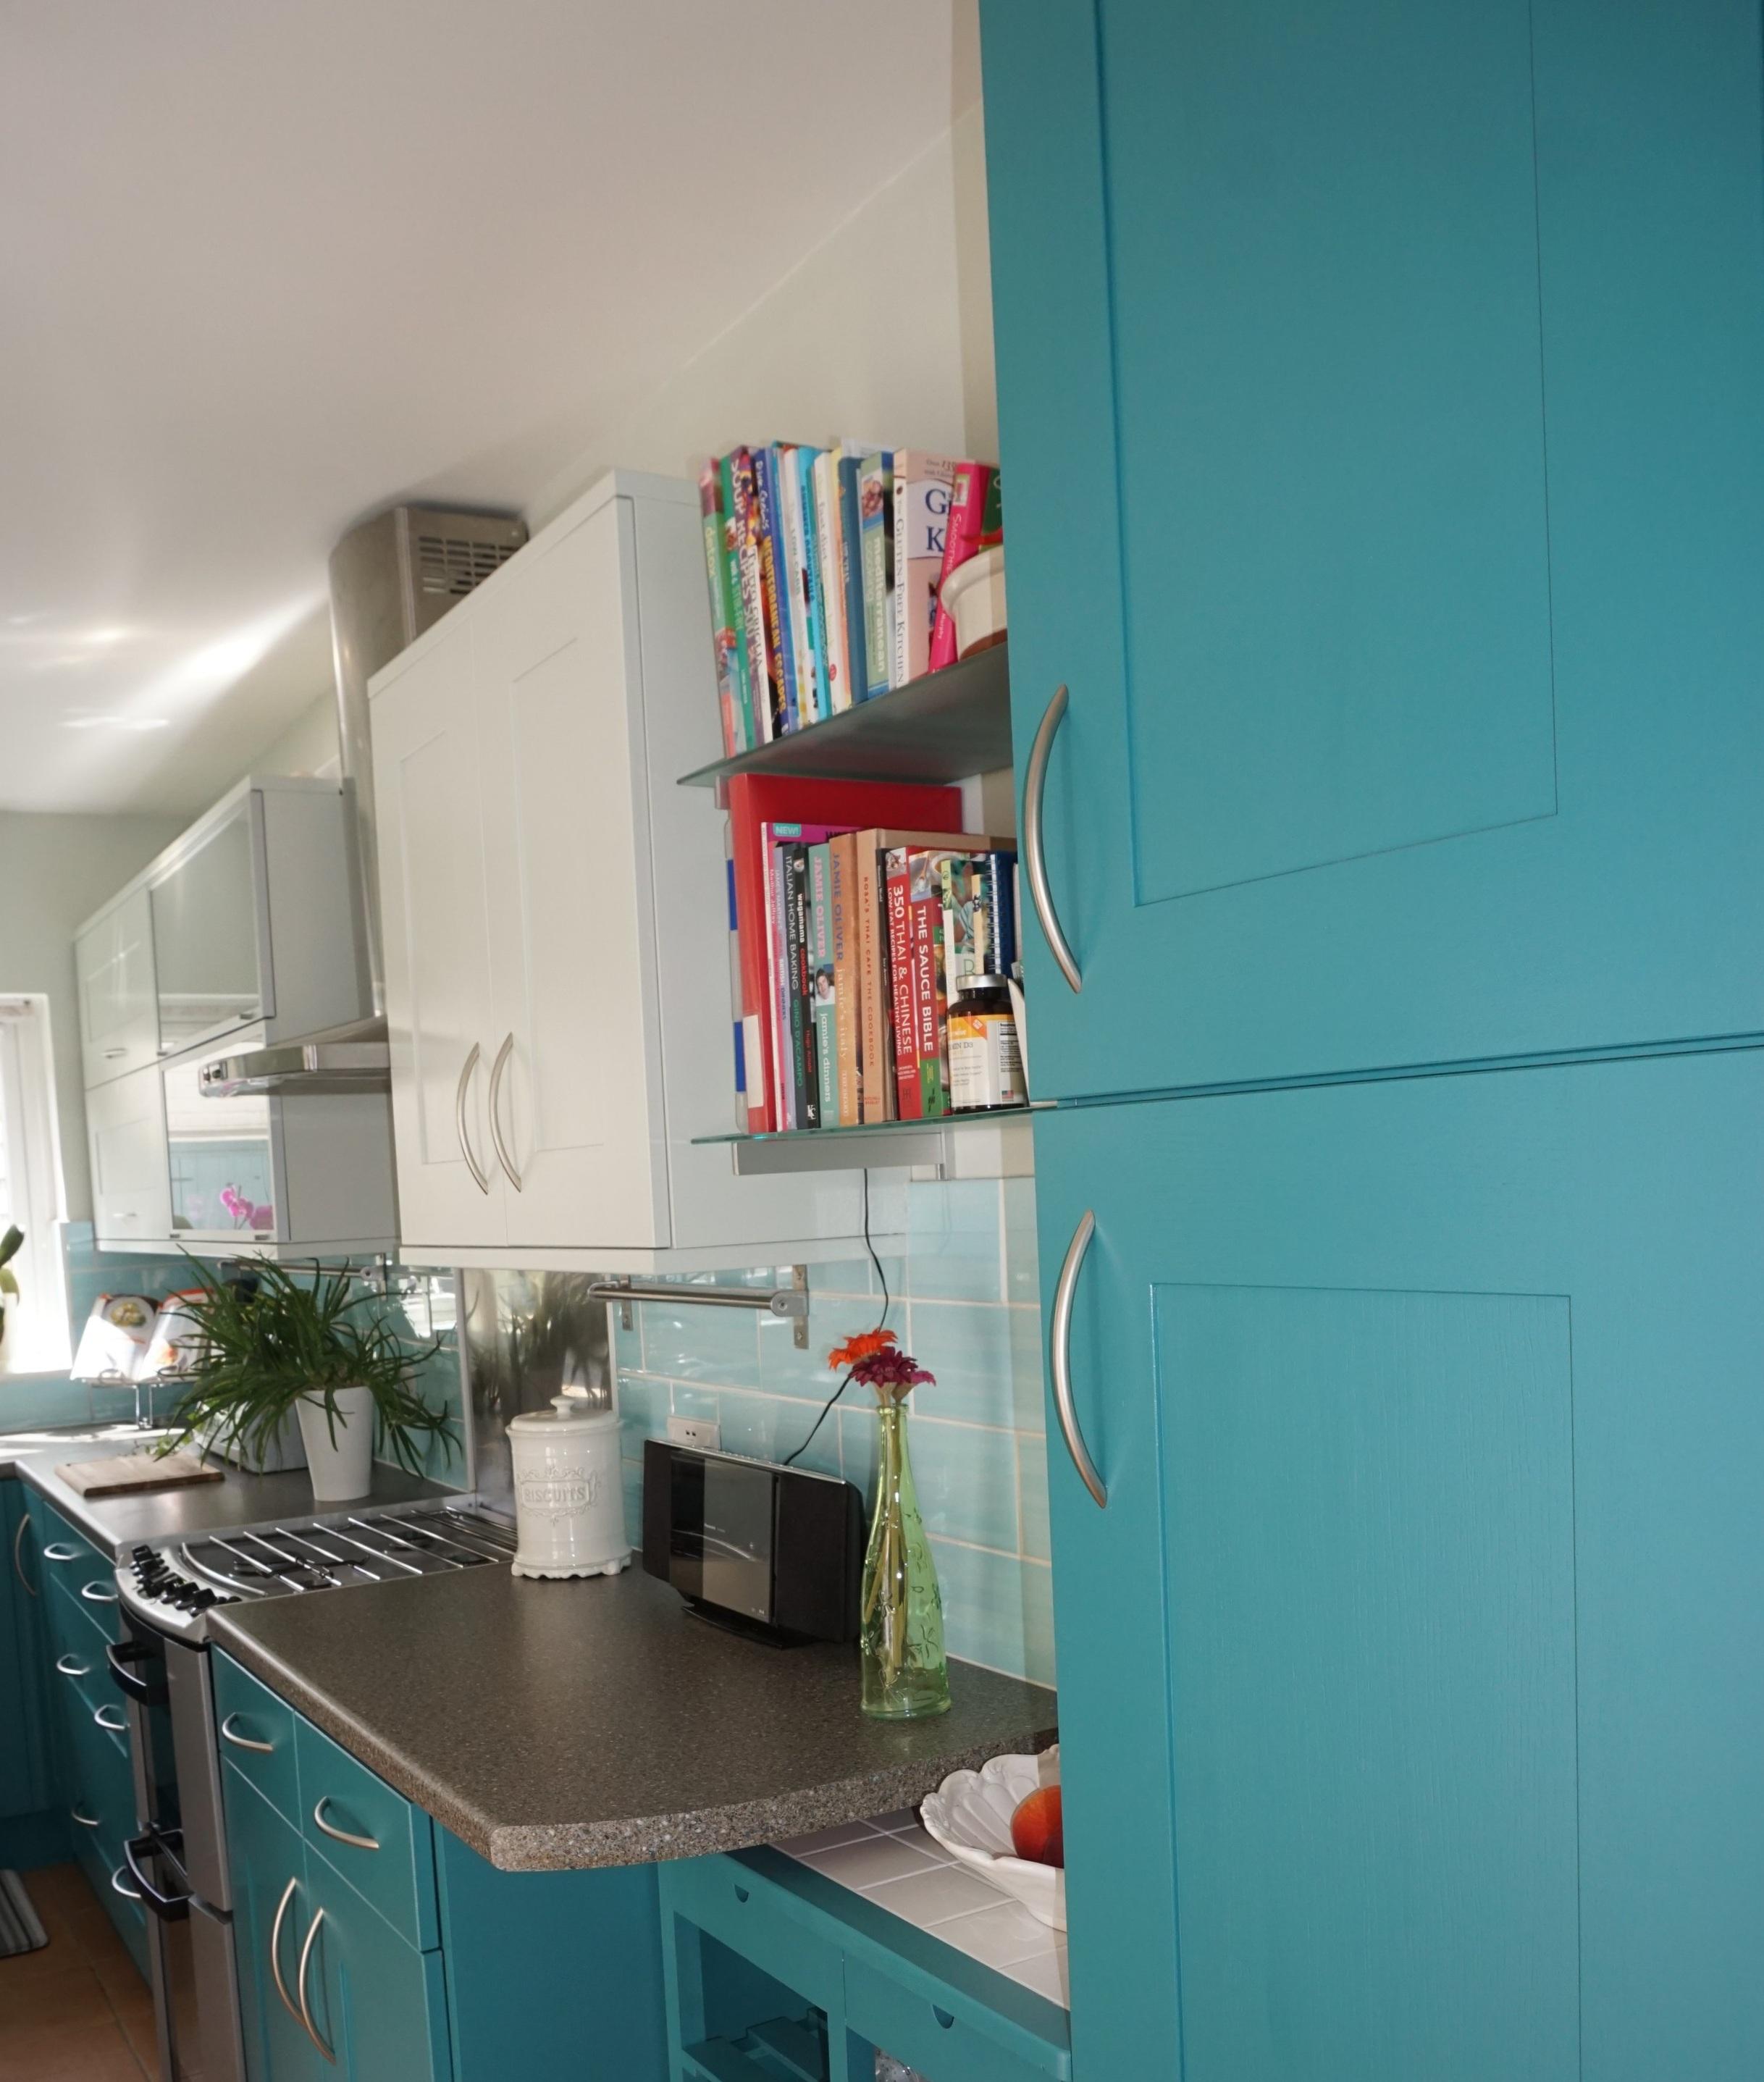 Kitchen - Book shelves